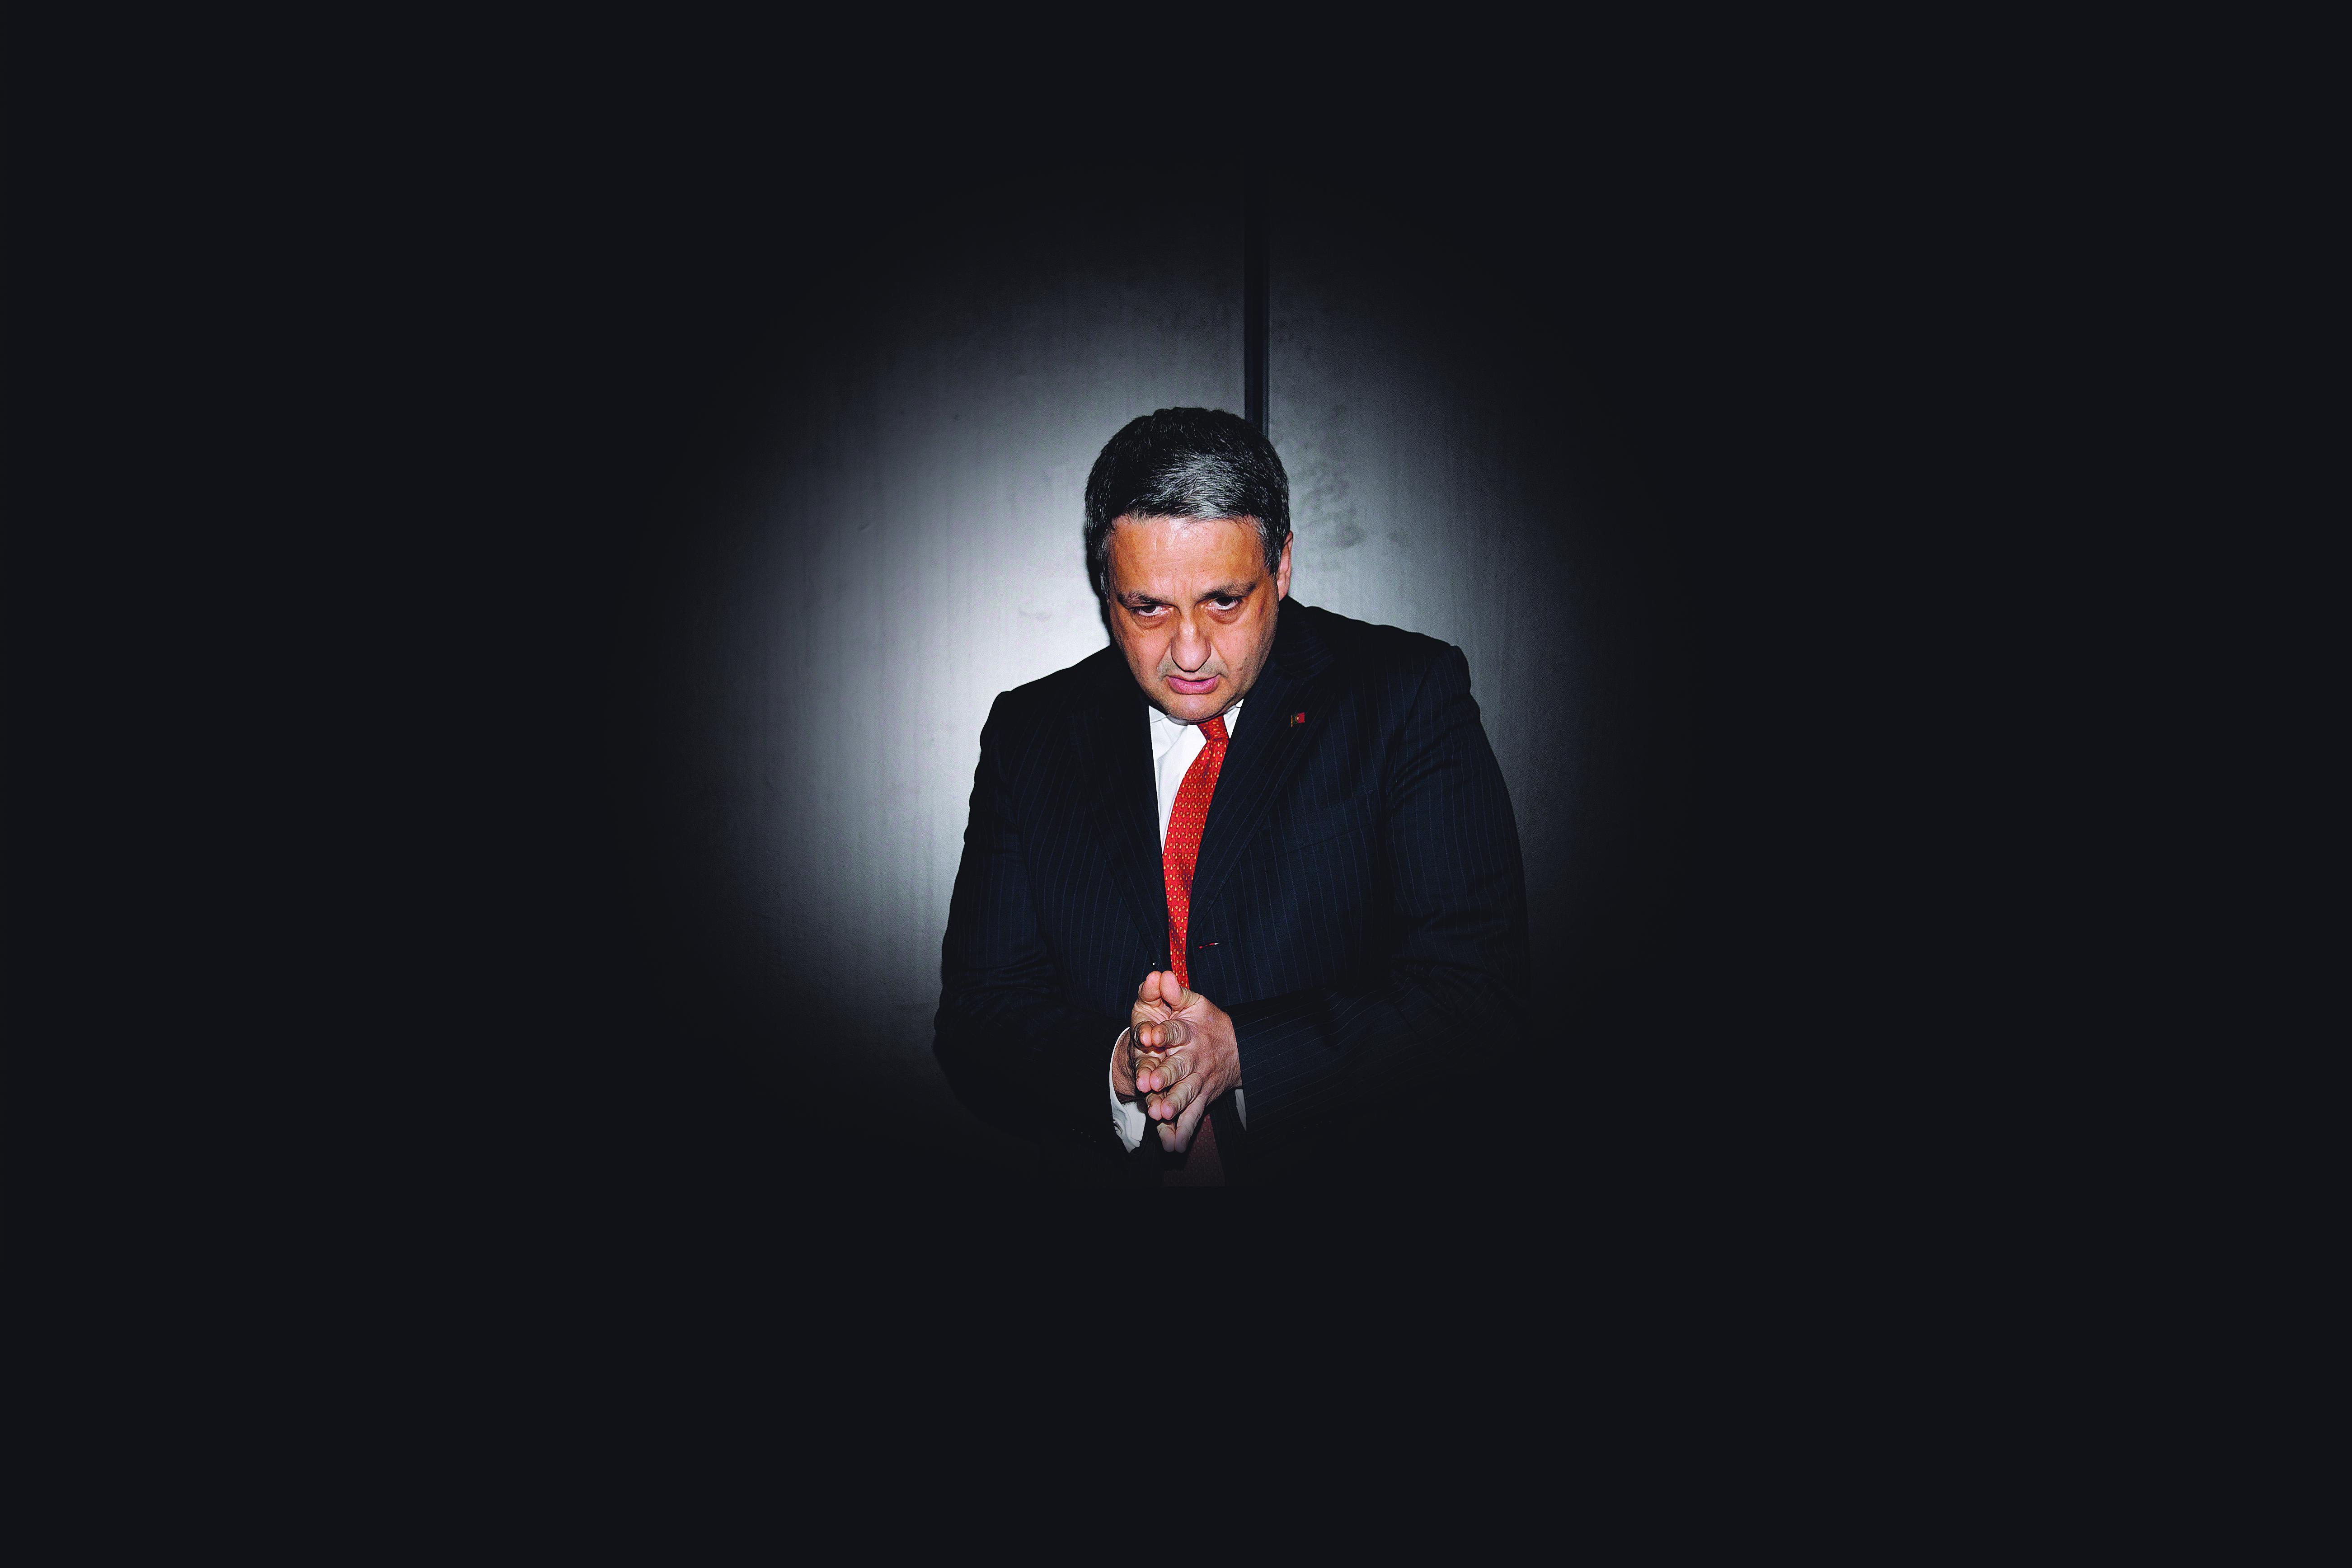 Paulo Macedo pode ser o próximo presidente da Caixa Geral de Depósitos